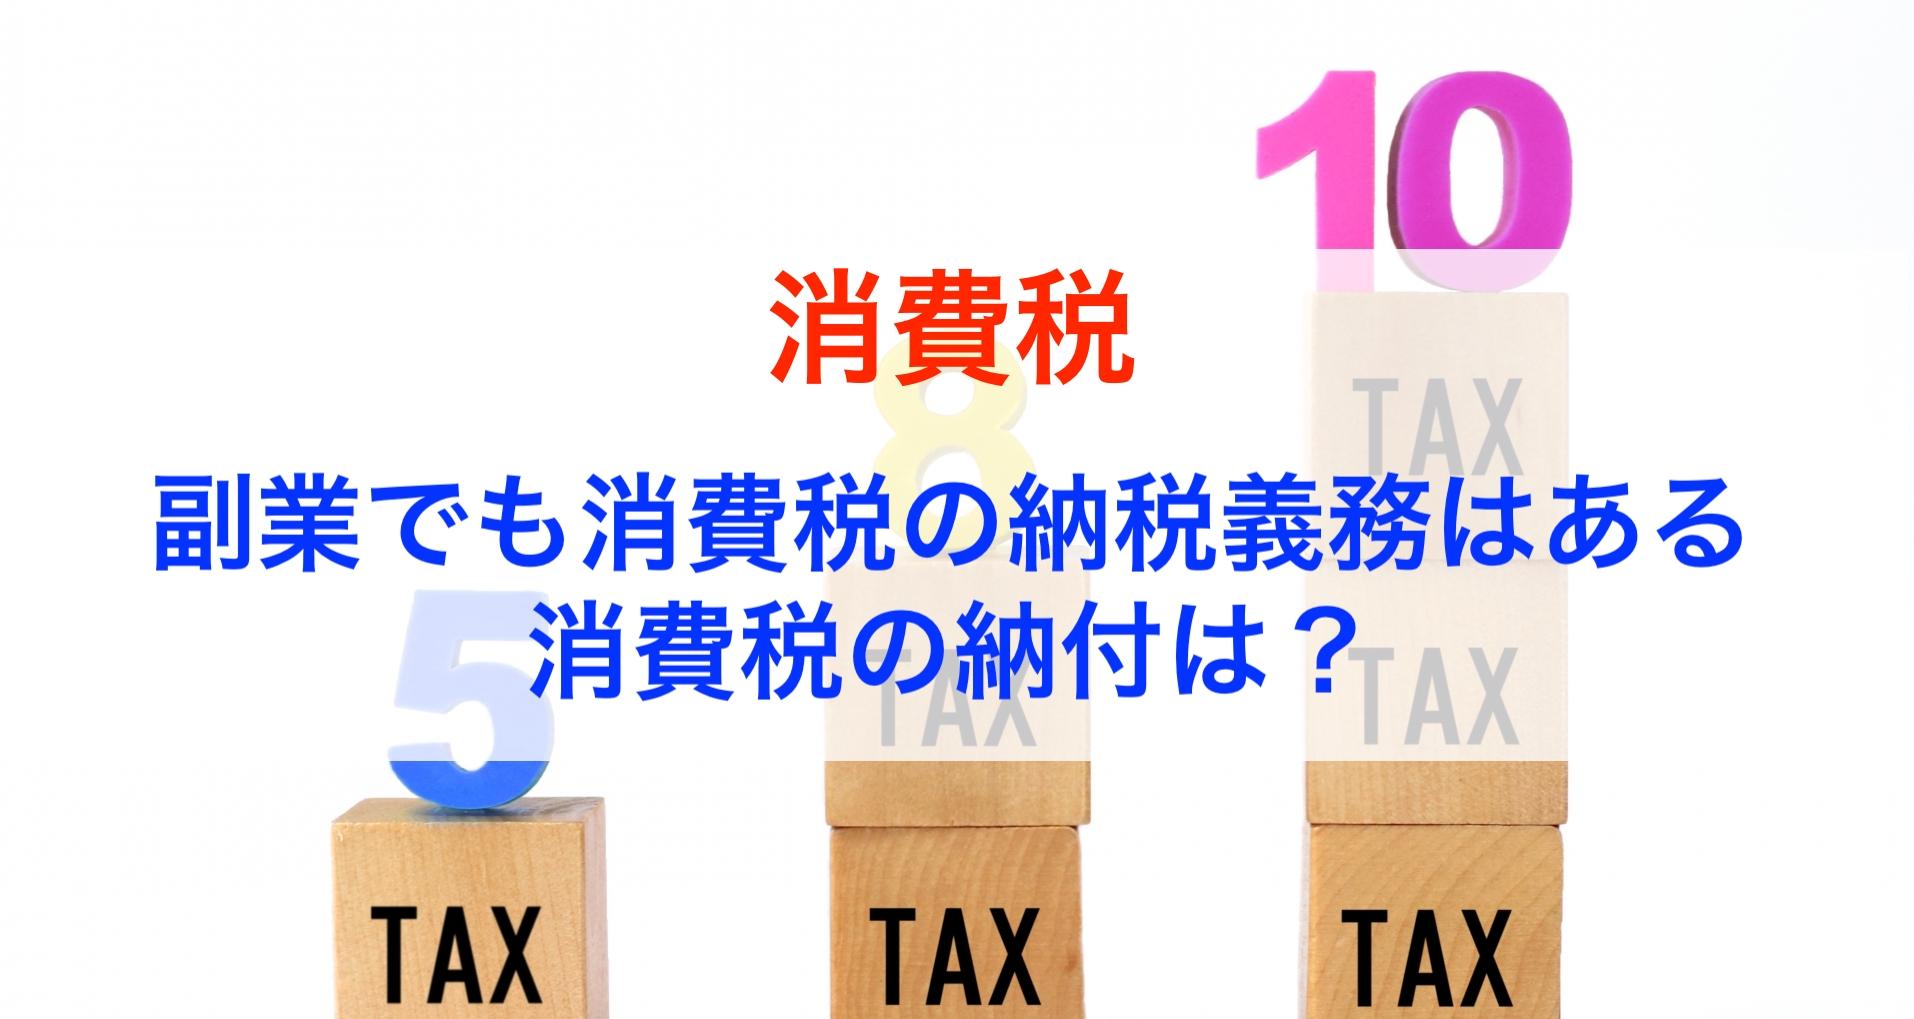 税 消費 確定 申告